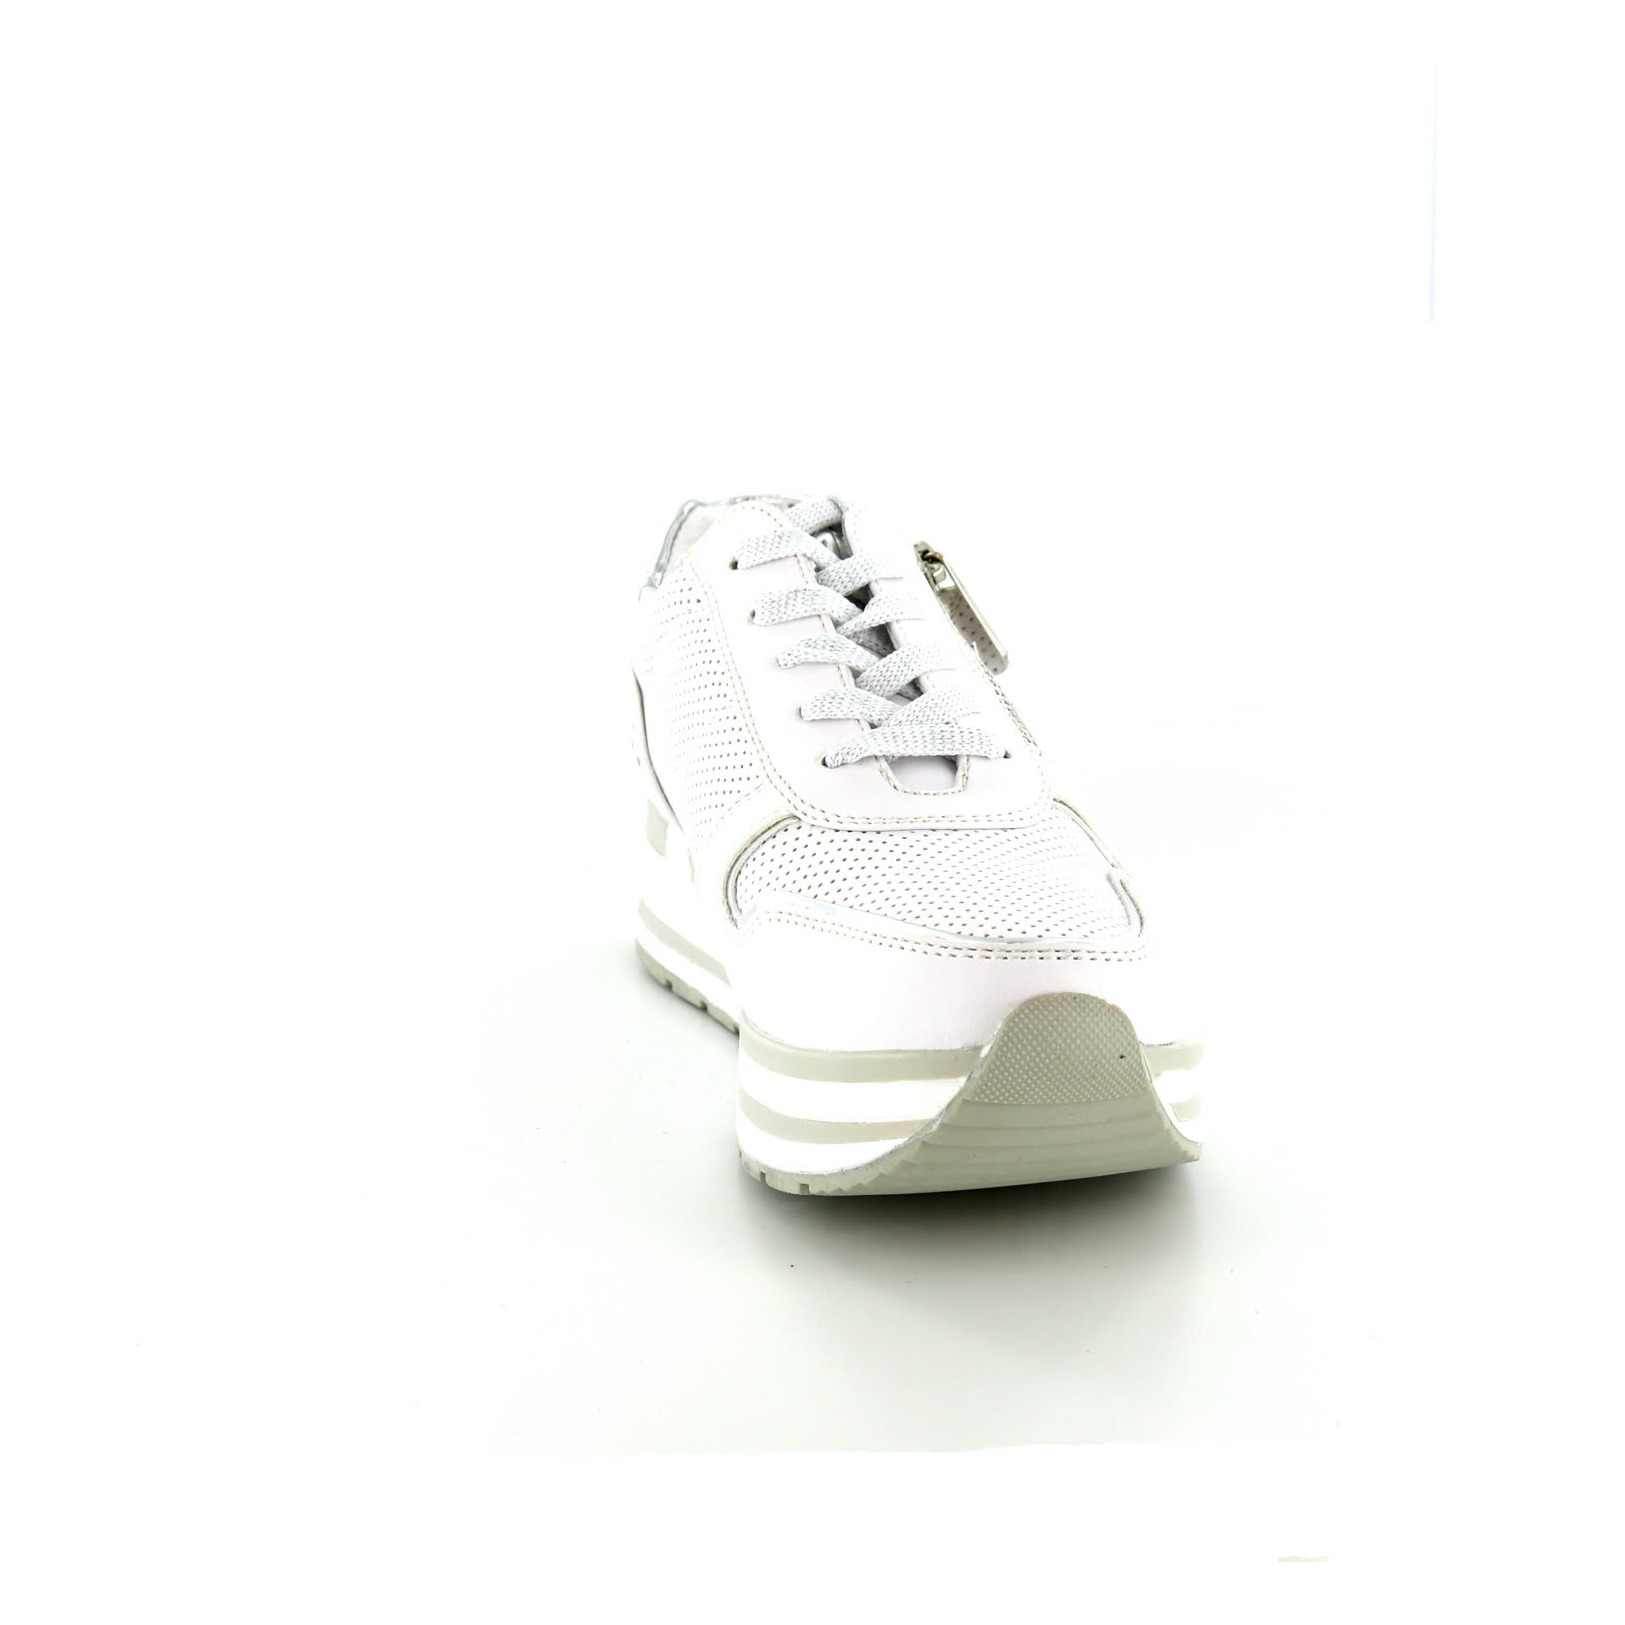 Marco Tozzi / Pizzo Scarpe - Scarpe Da Ginnastica, Bianco